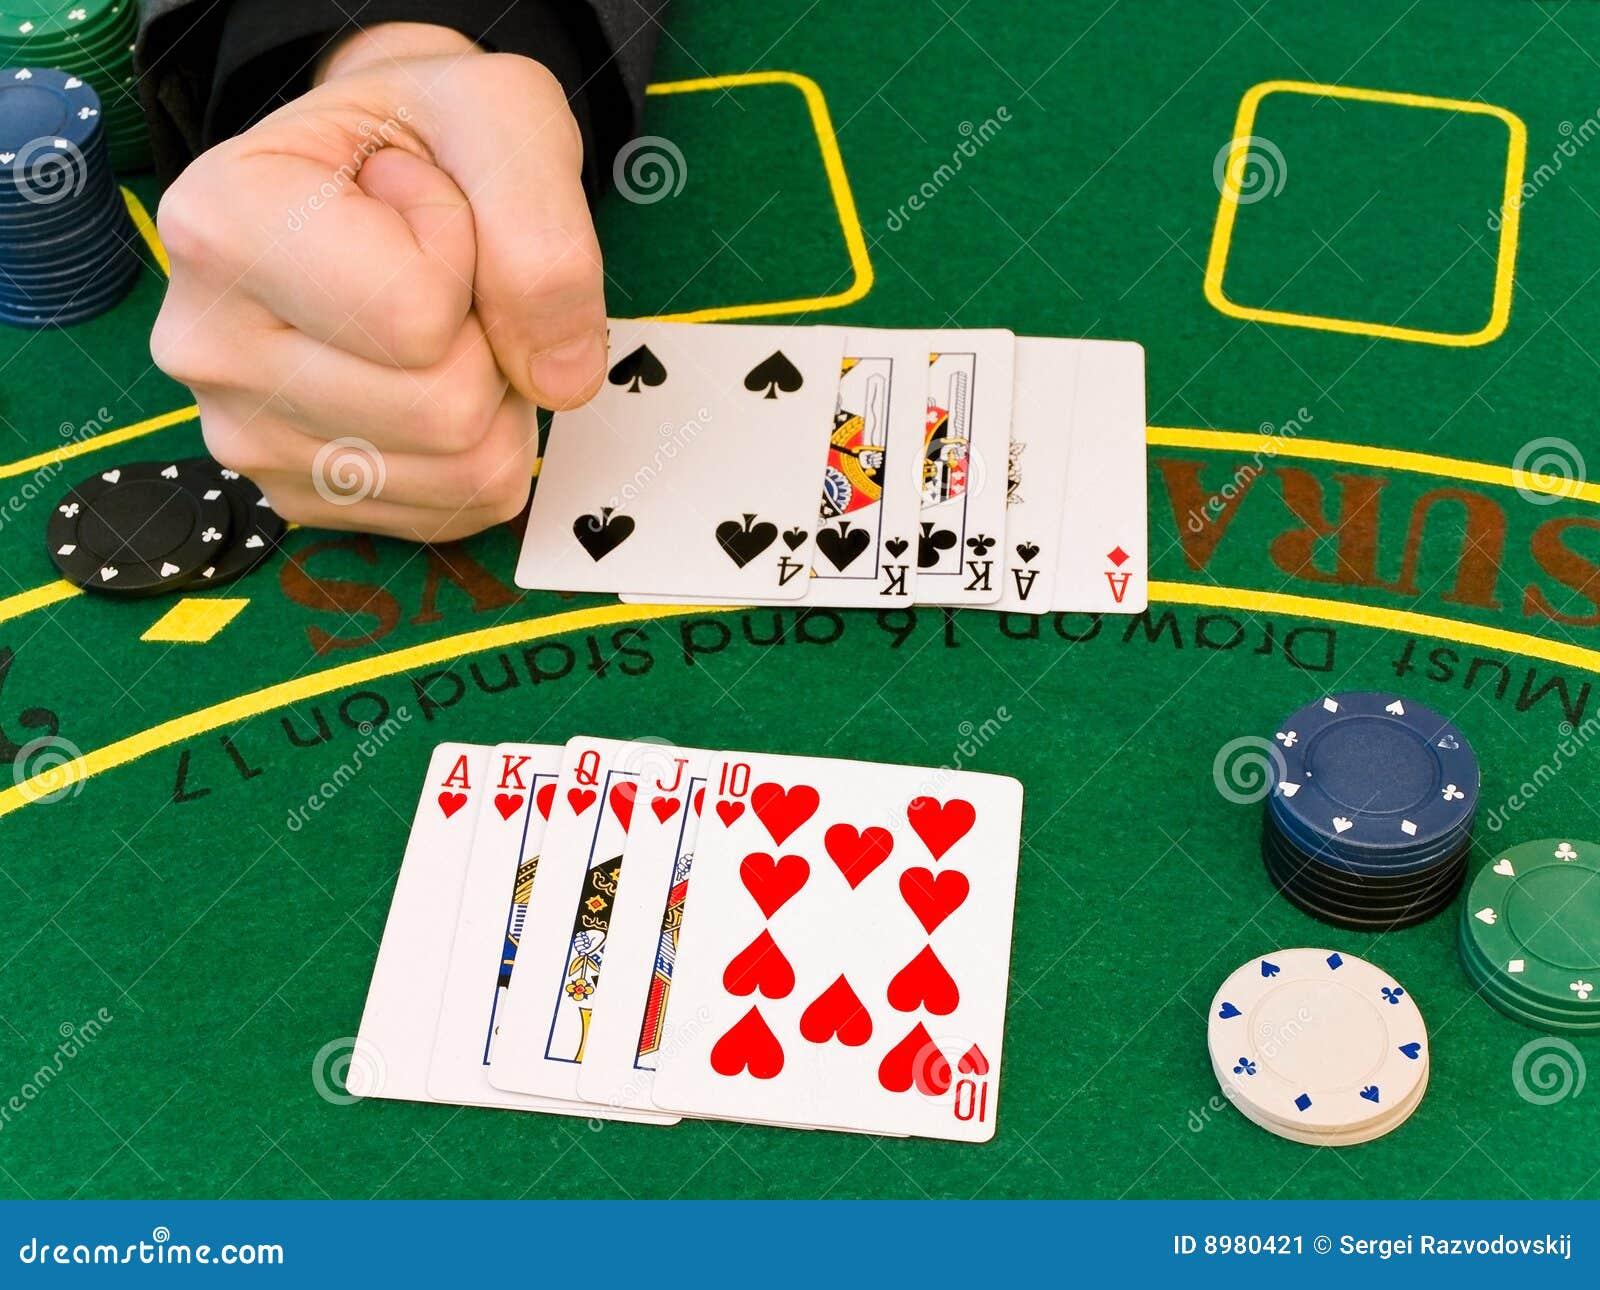 igra-v-karti-azartnie-igri-istoriya-igr